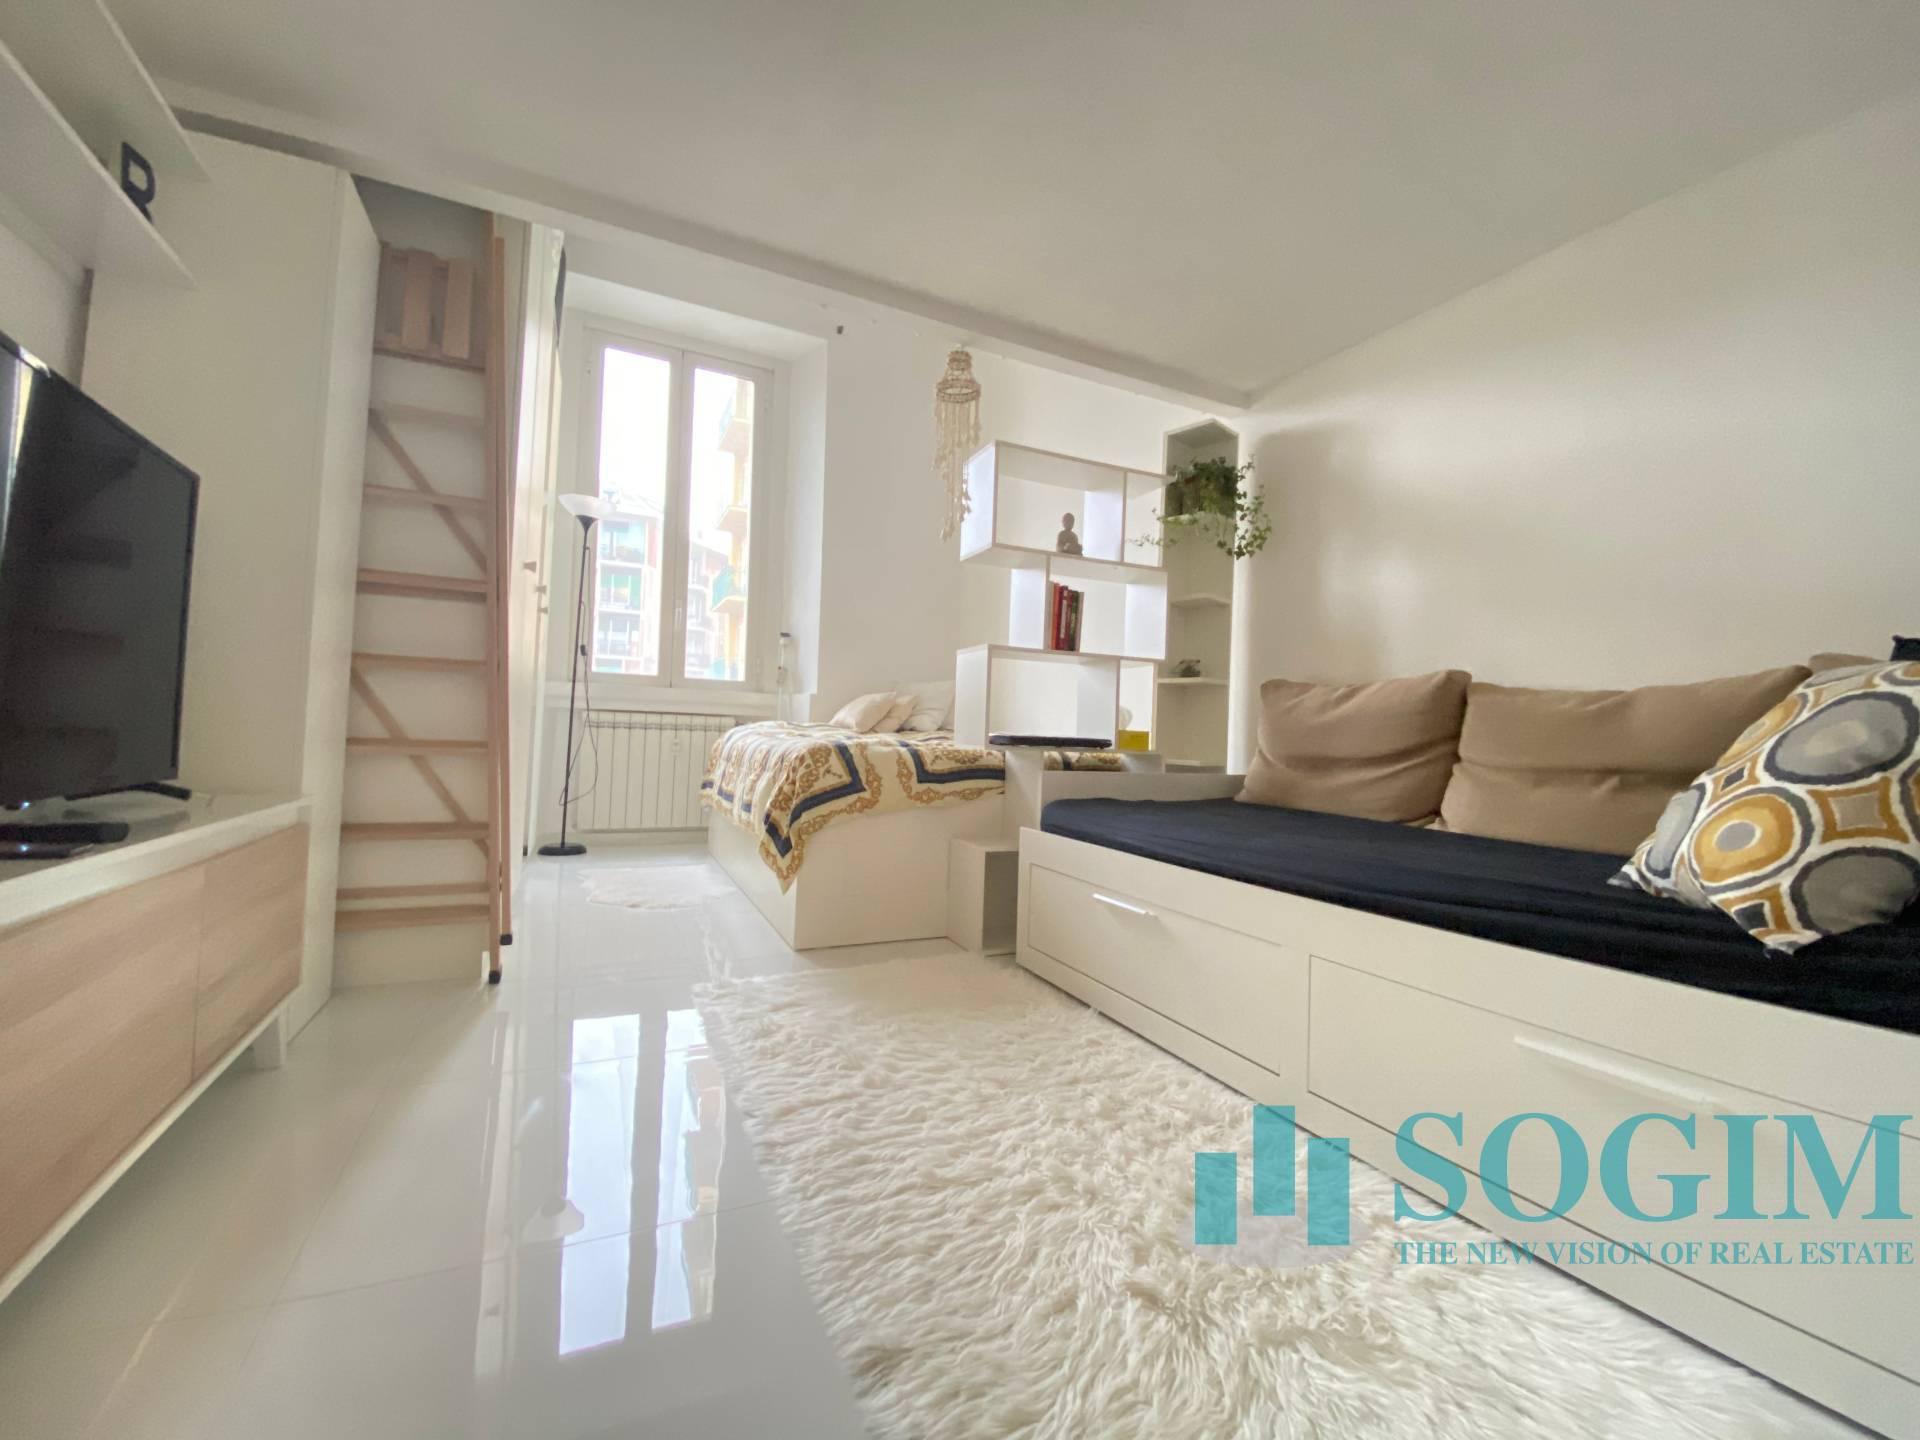 Appartamento in vendita a Sesto San Giovanni, 2 locali, prezzo € 114.000   PortaleAgenzieImmobiliari.it